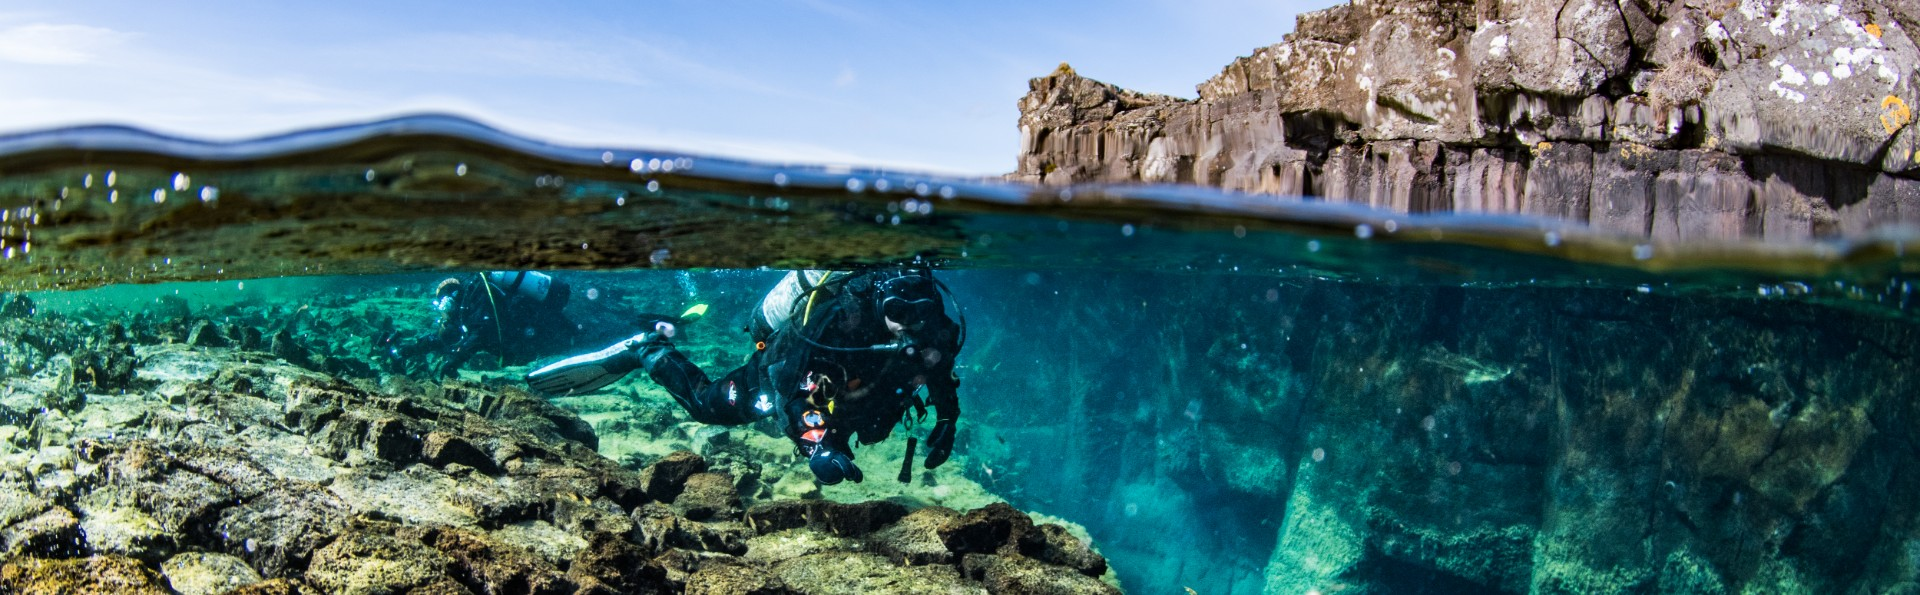 iceland_bjarnagja_andersnyberg-dive-is-photos-videos.jpg